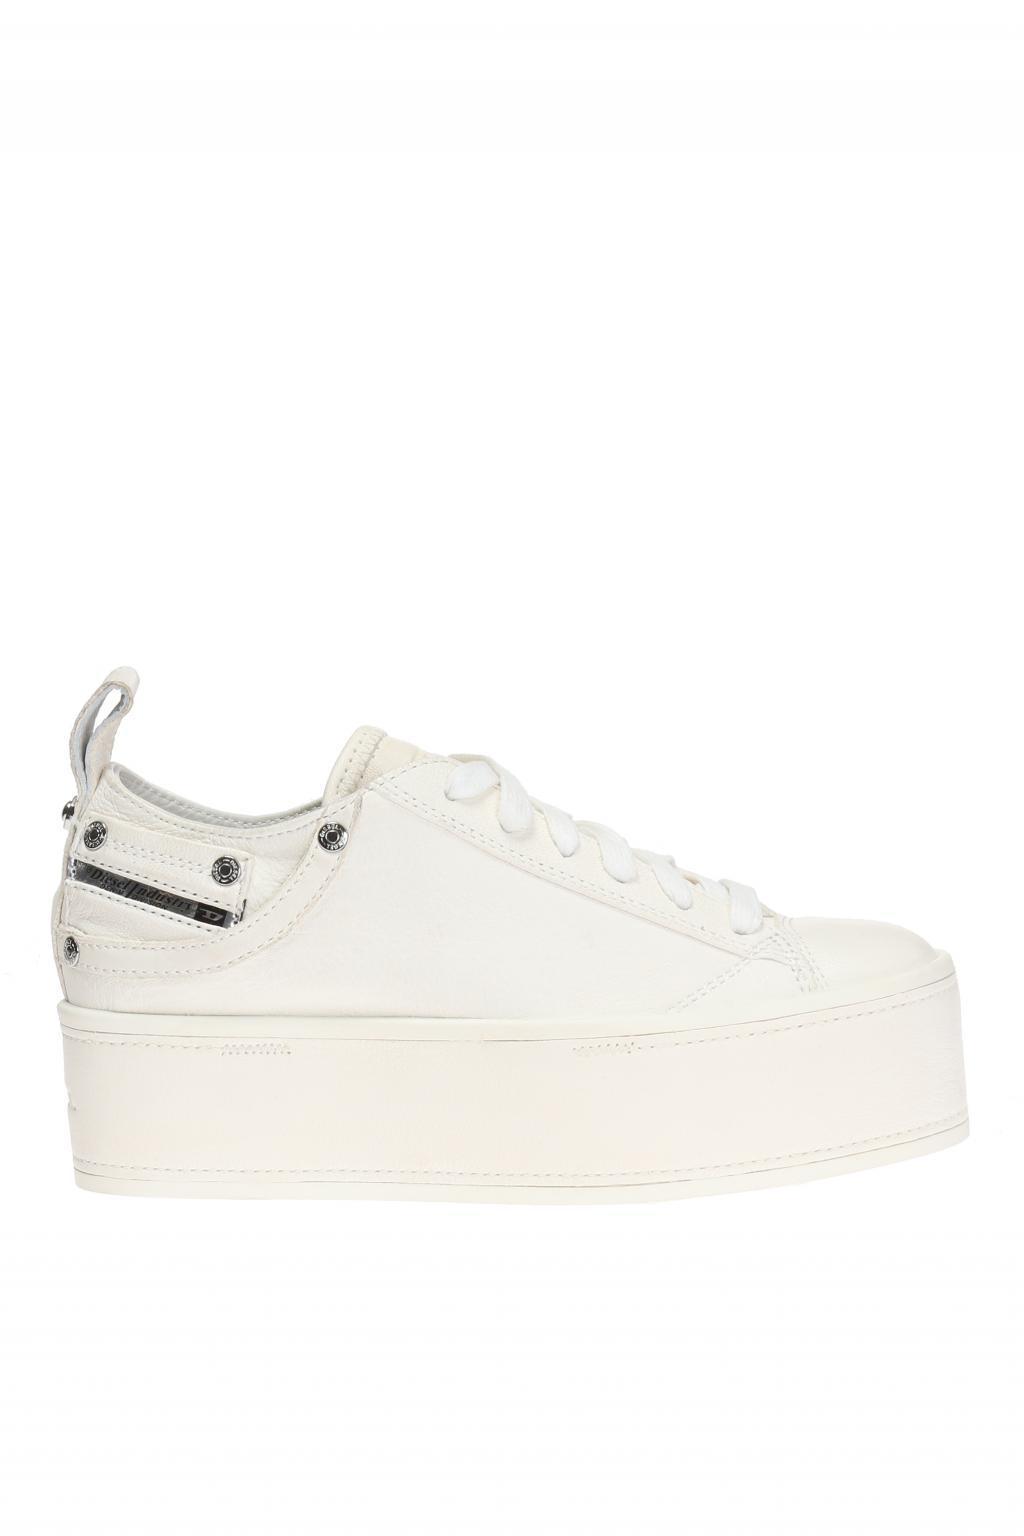 platform sneakers - White Diesel XVUm82Zy78